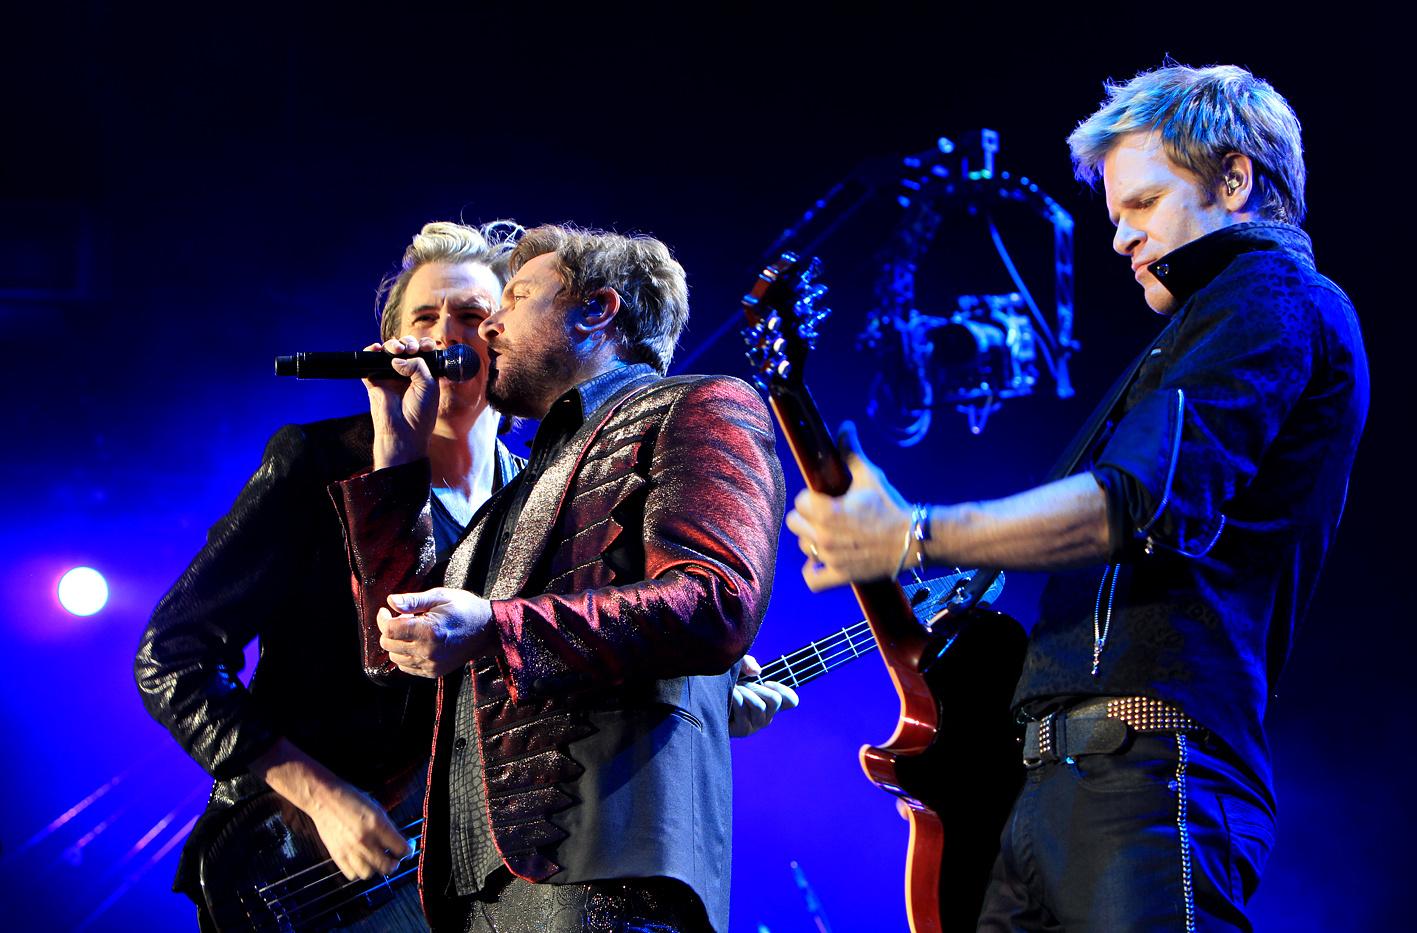 Duran Duran image 4